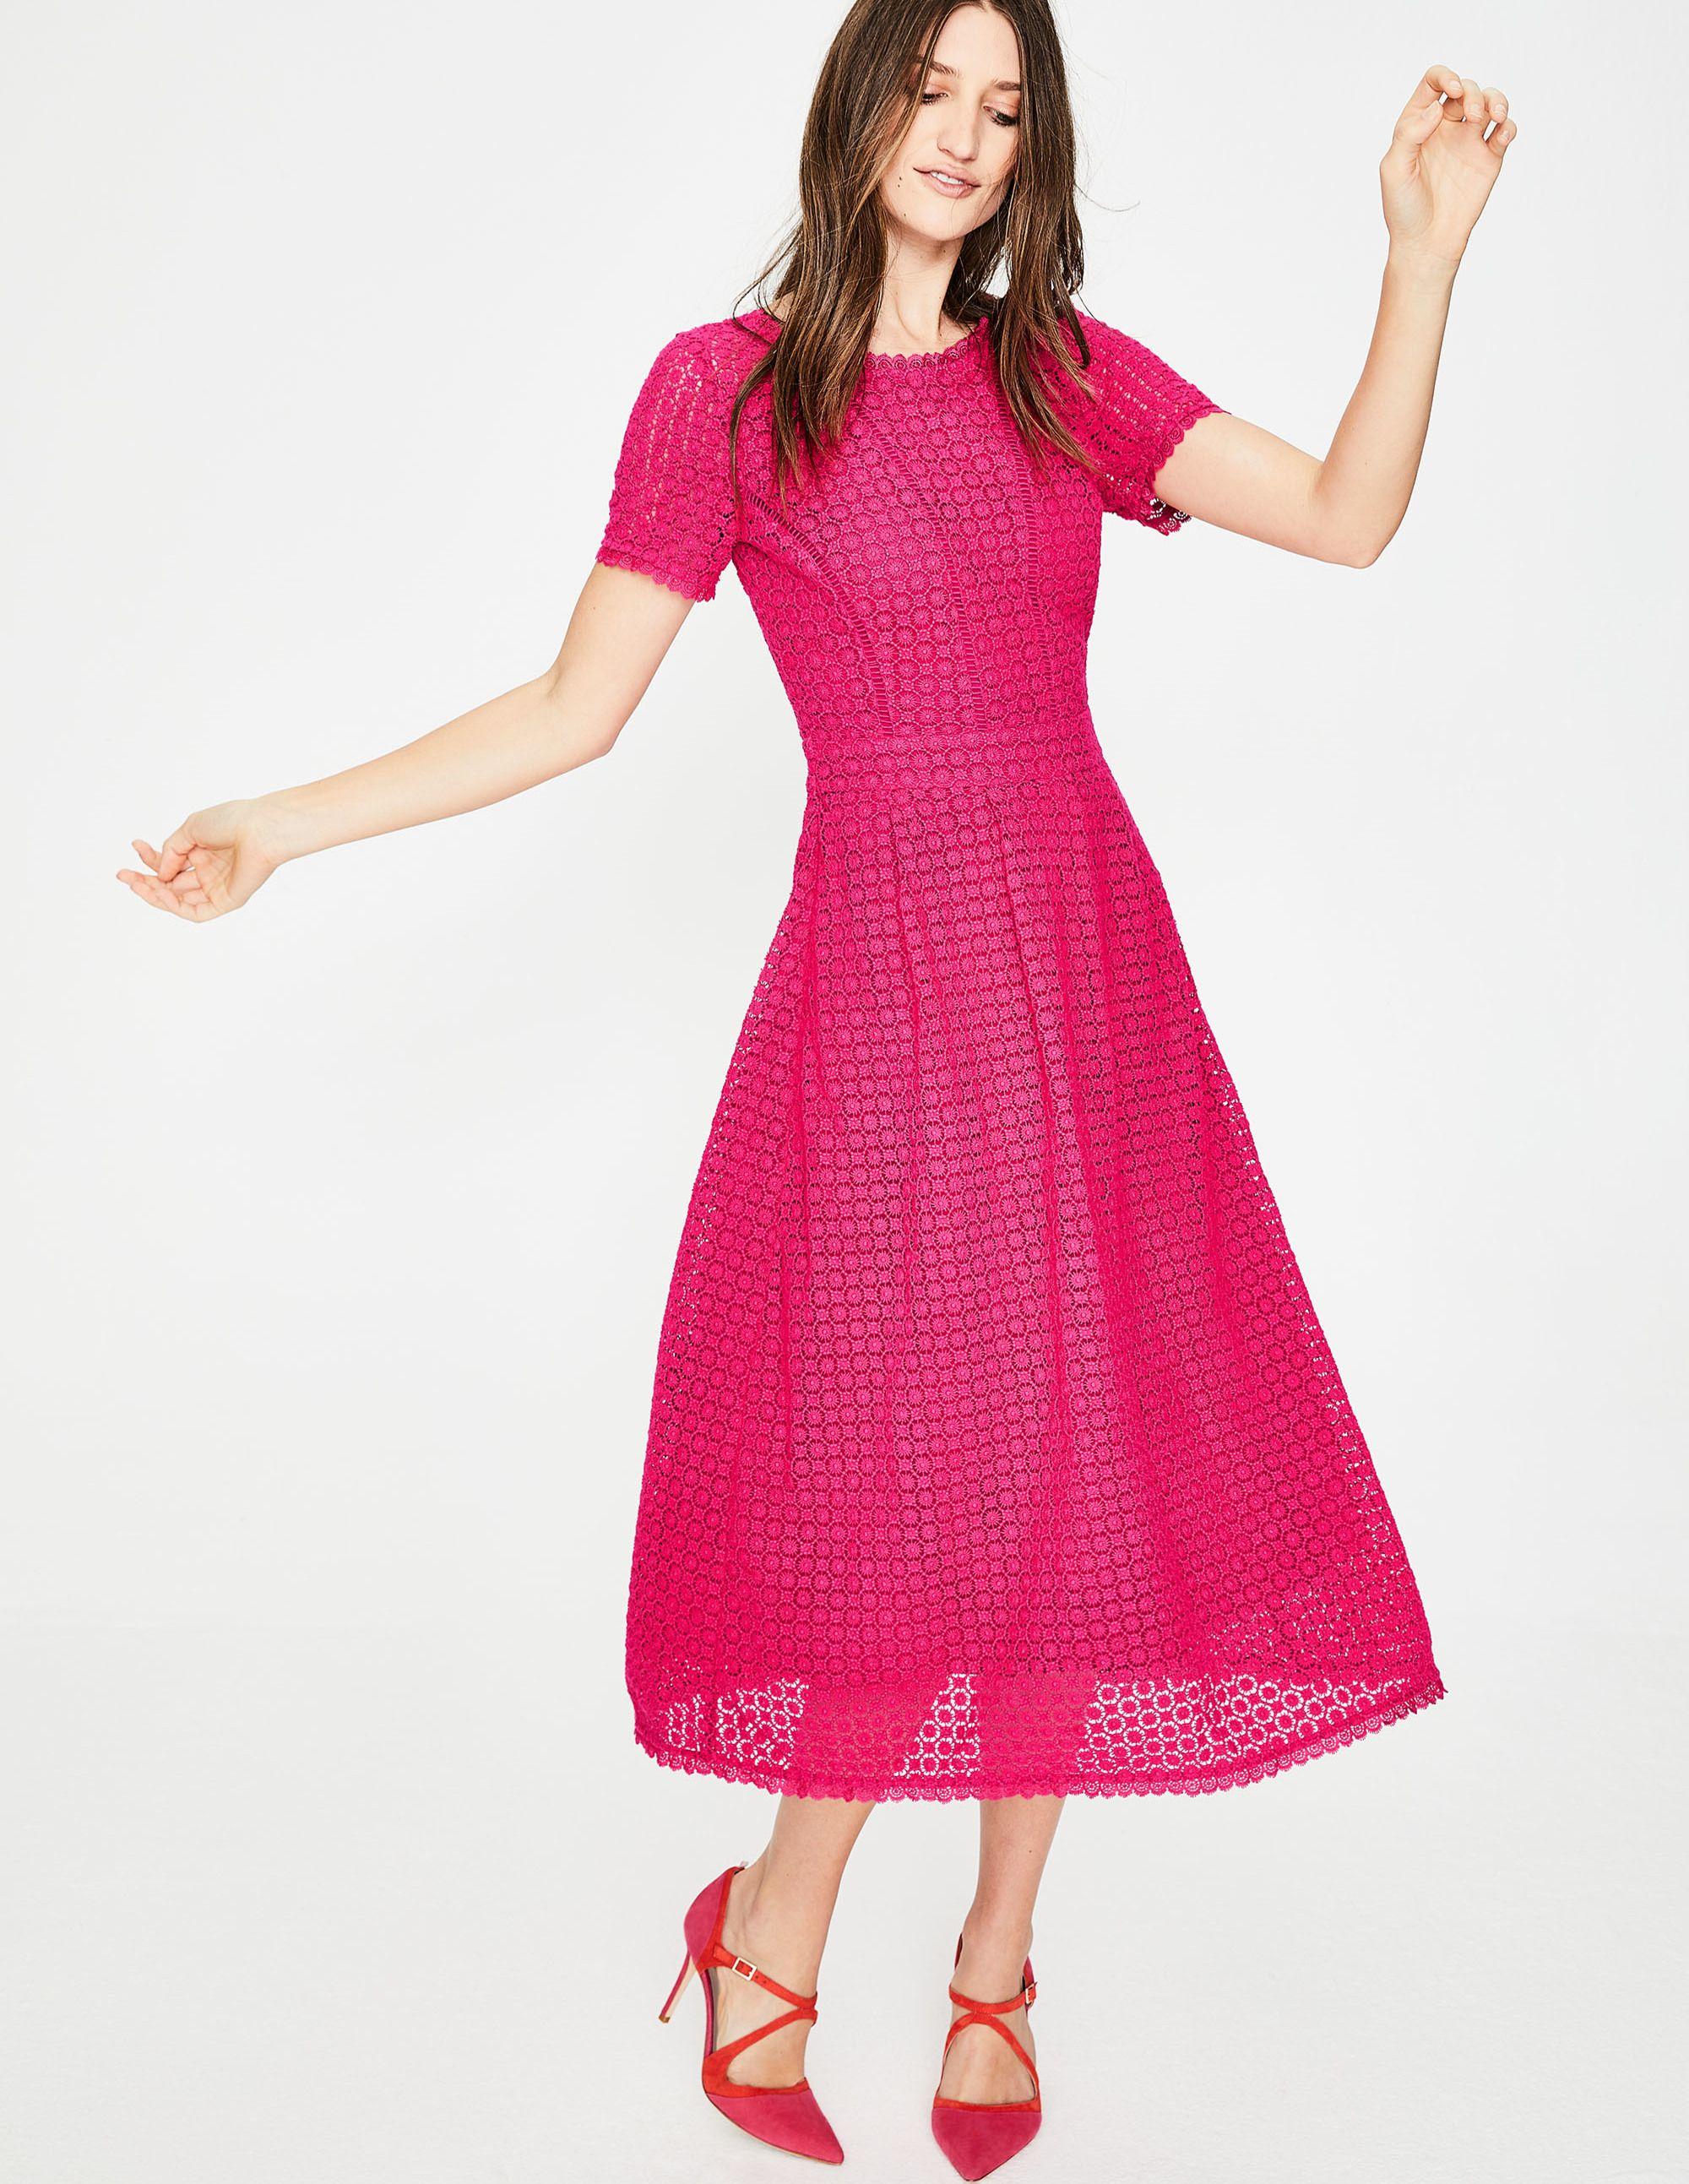 Boden Julieta Lace Dress | Pinterest